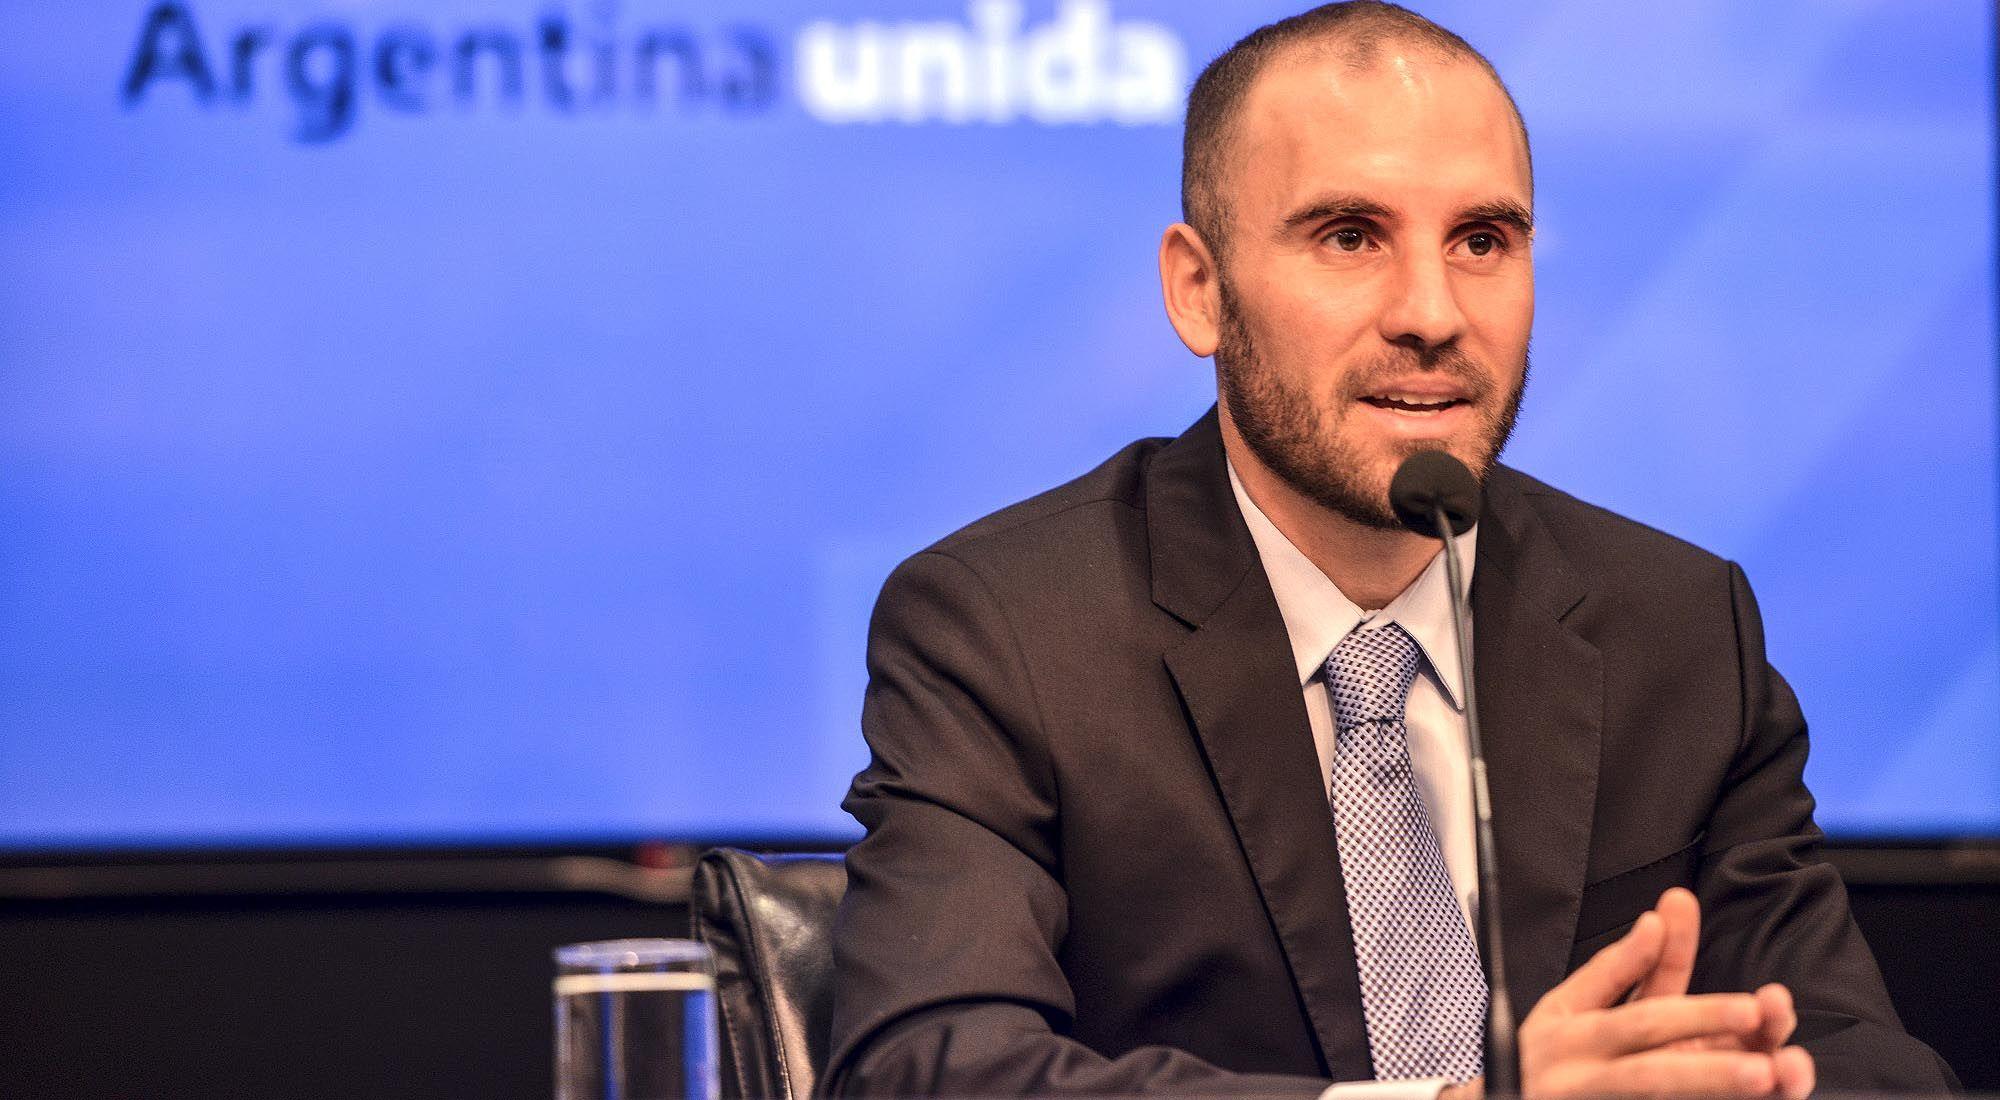 Coronavirus: Argentina recibirá un préstamo de US$ 30 millones del Banco Mundial